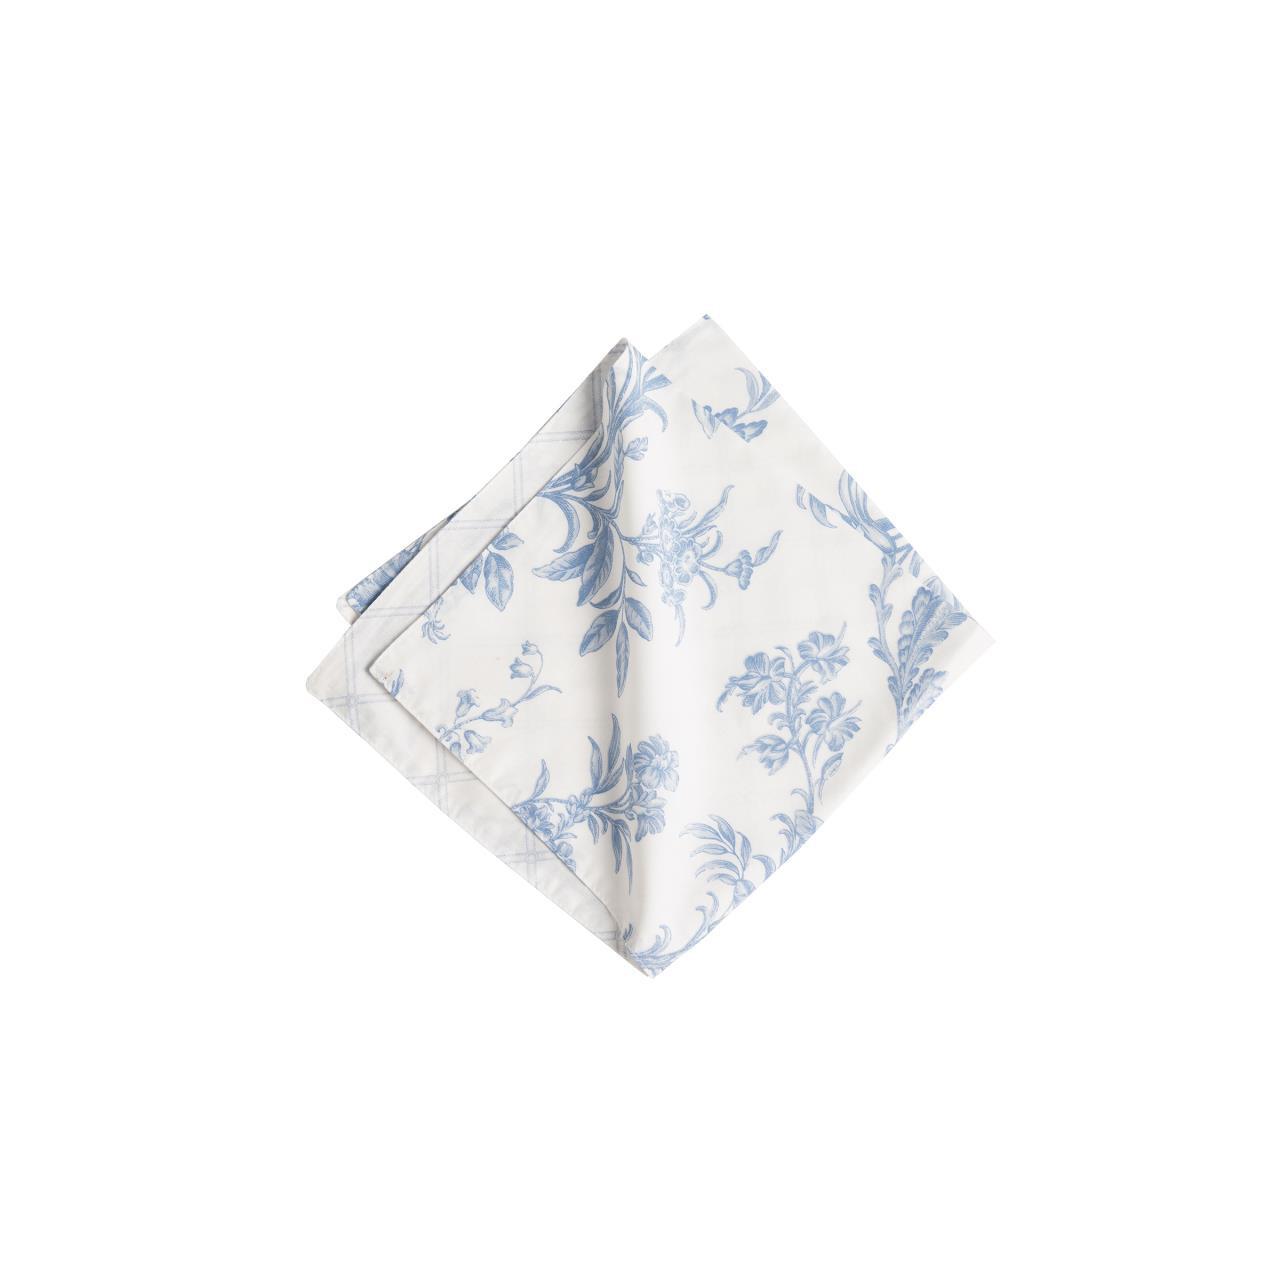 Bleighton Blue Napkin Set - 8246303718